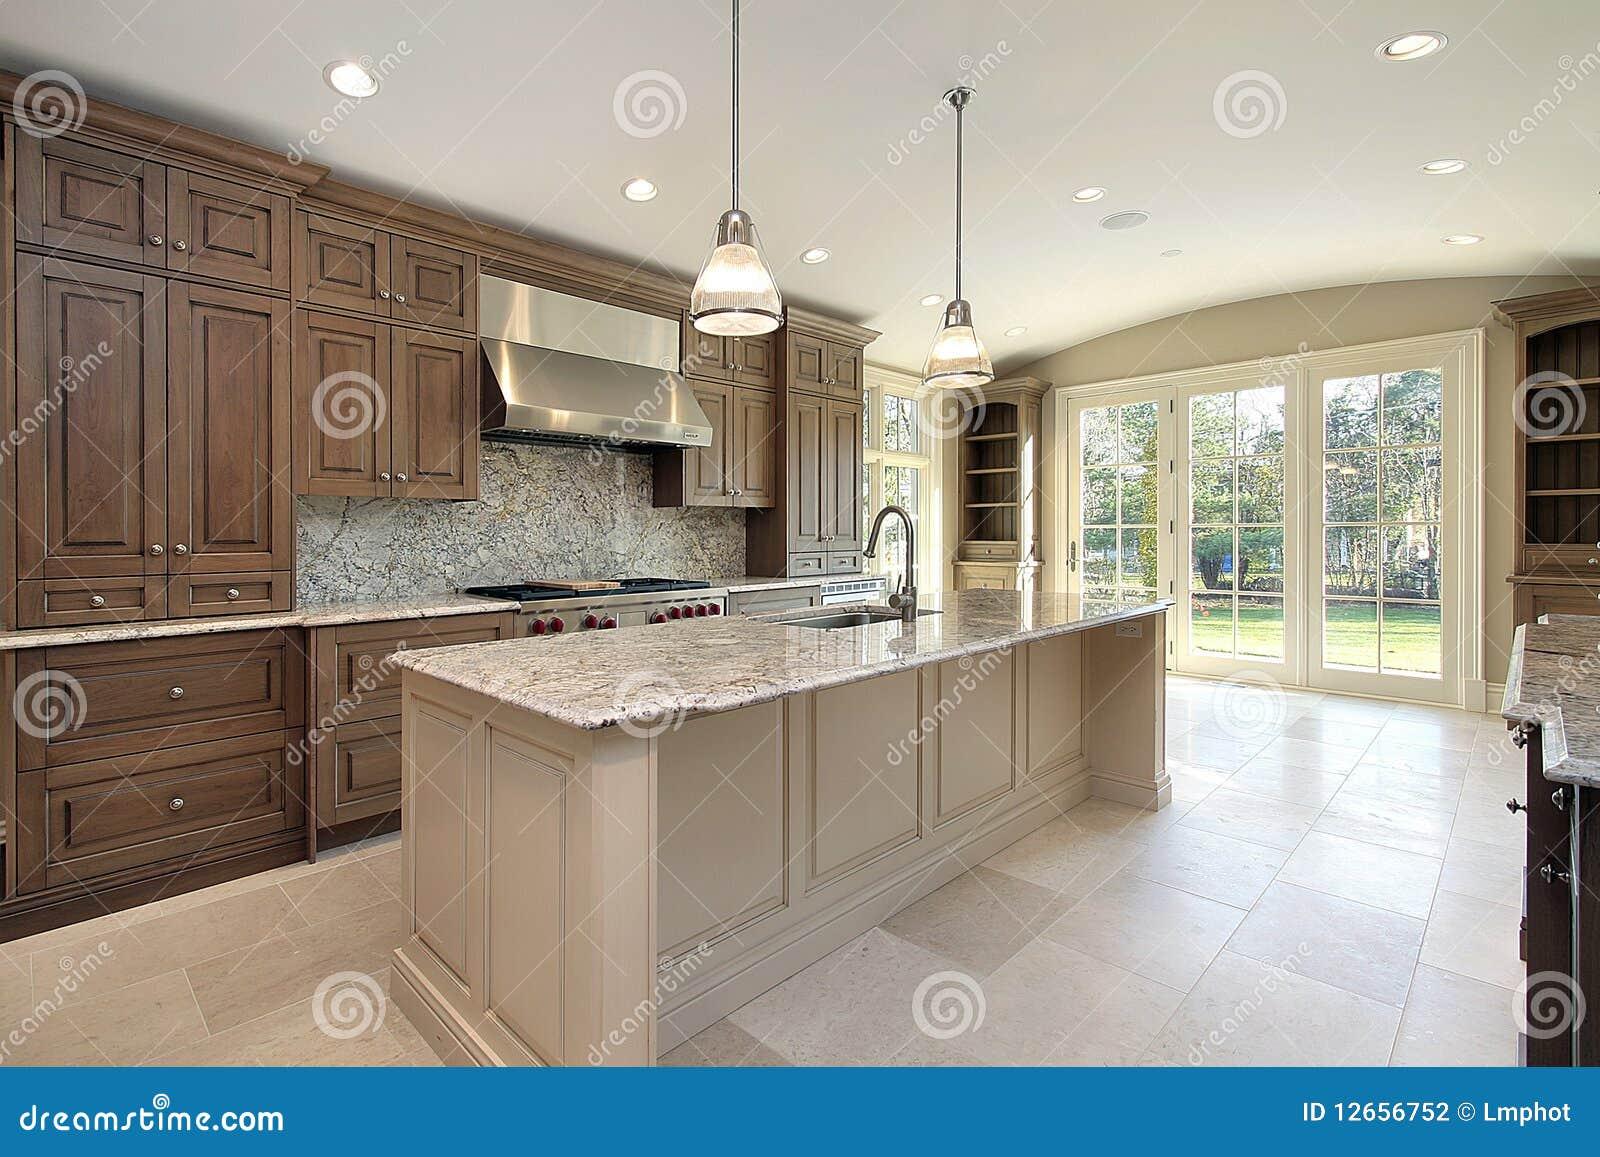 Keuken Met Groot Marmeren Eiland Stock Fotografie - Afbeelding ...